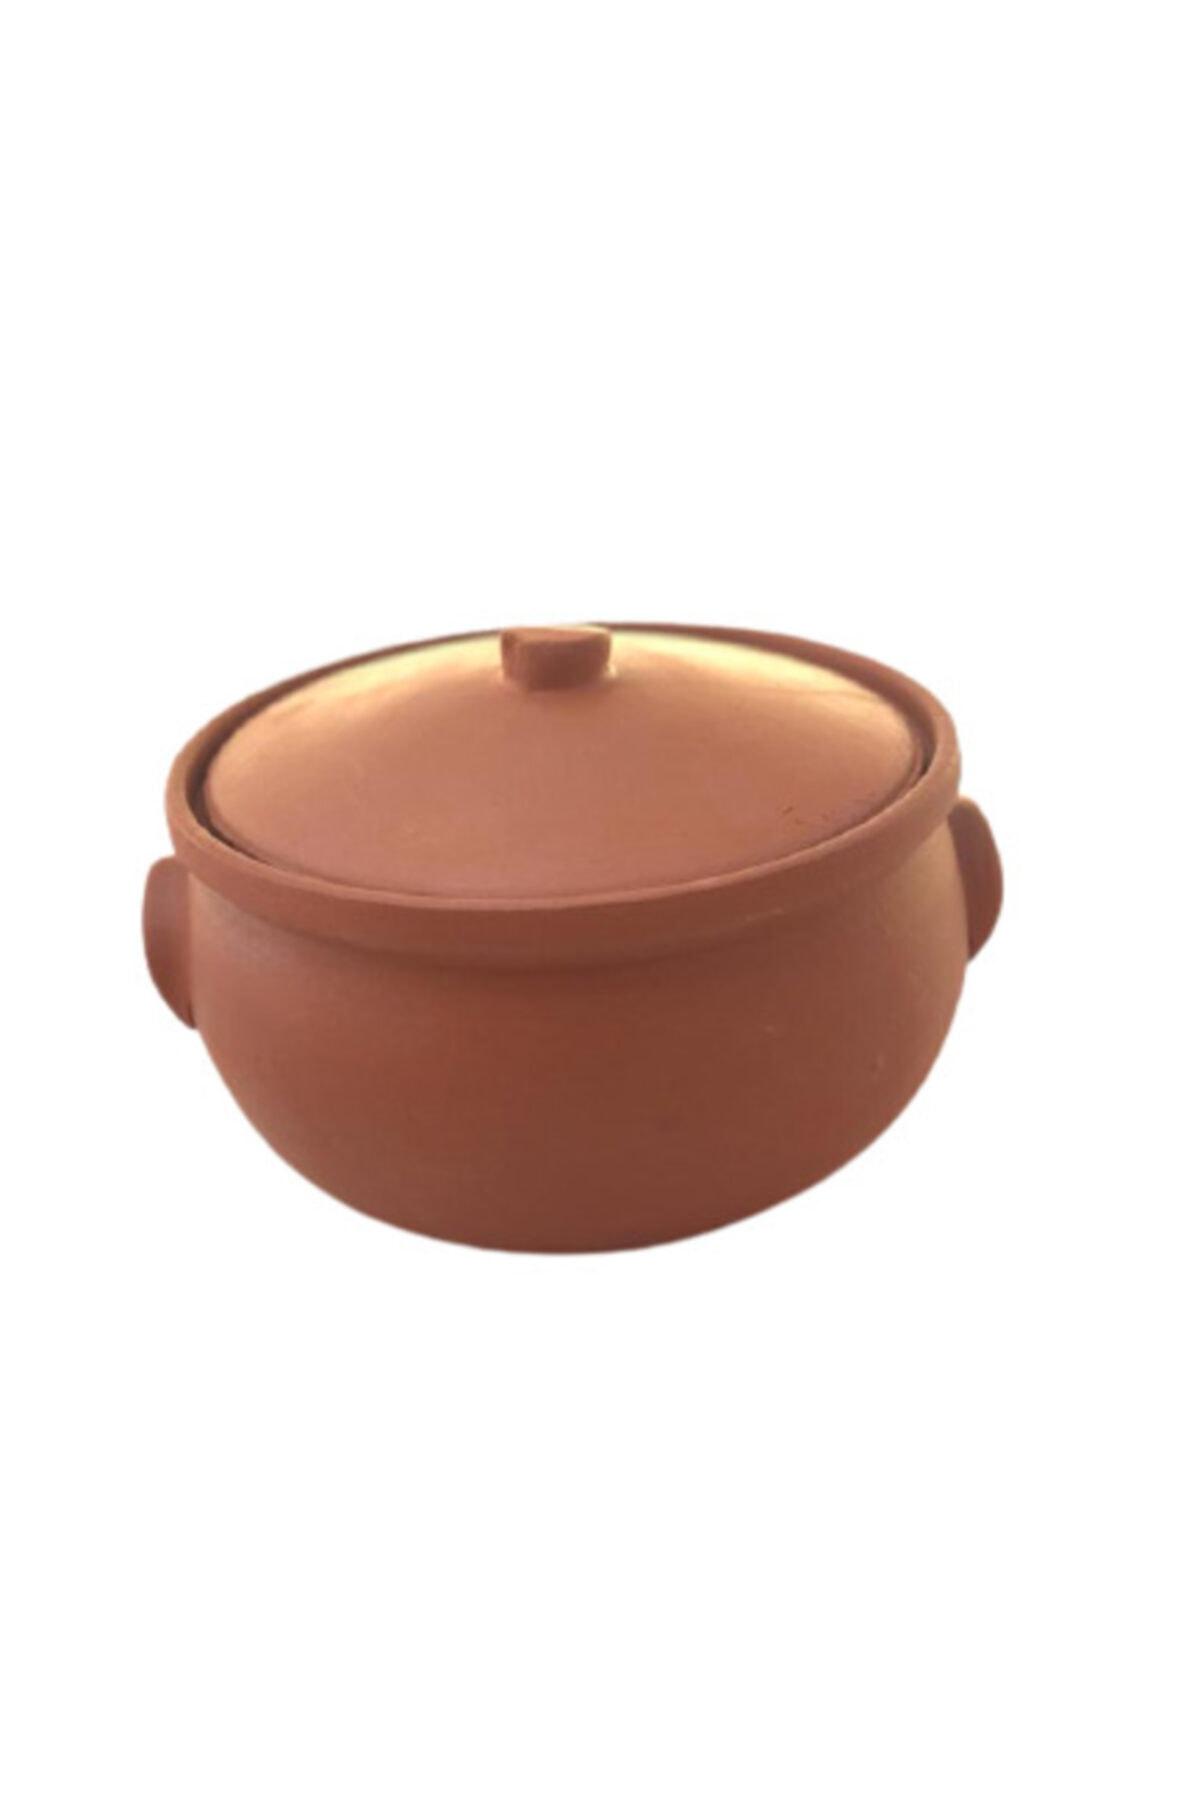 ALİ BABA CÖMLEK Pişirilmiş Kırmızı Toprak Kücük Güveç 3-4 Kişilik